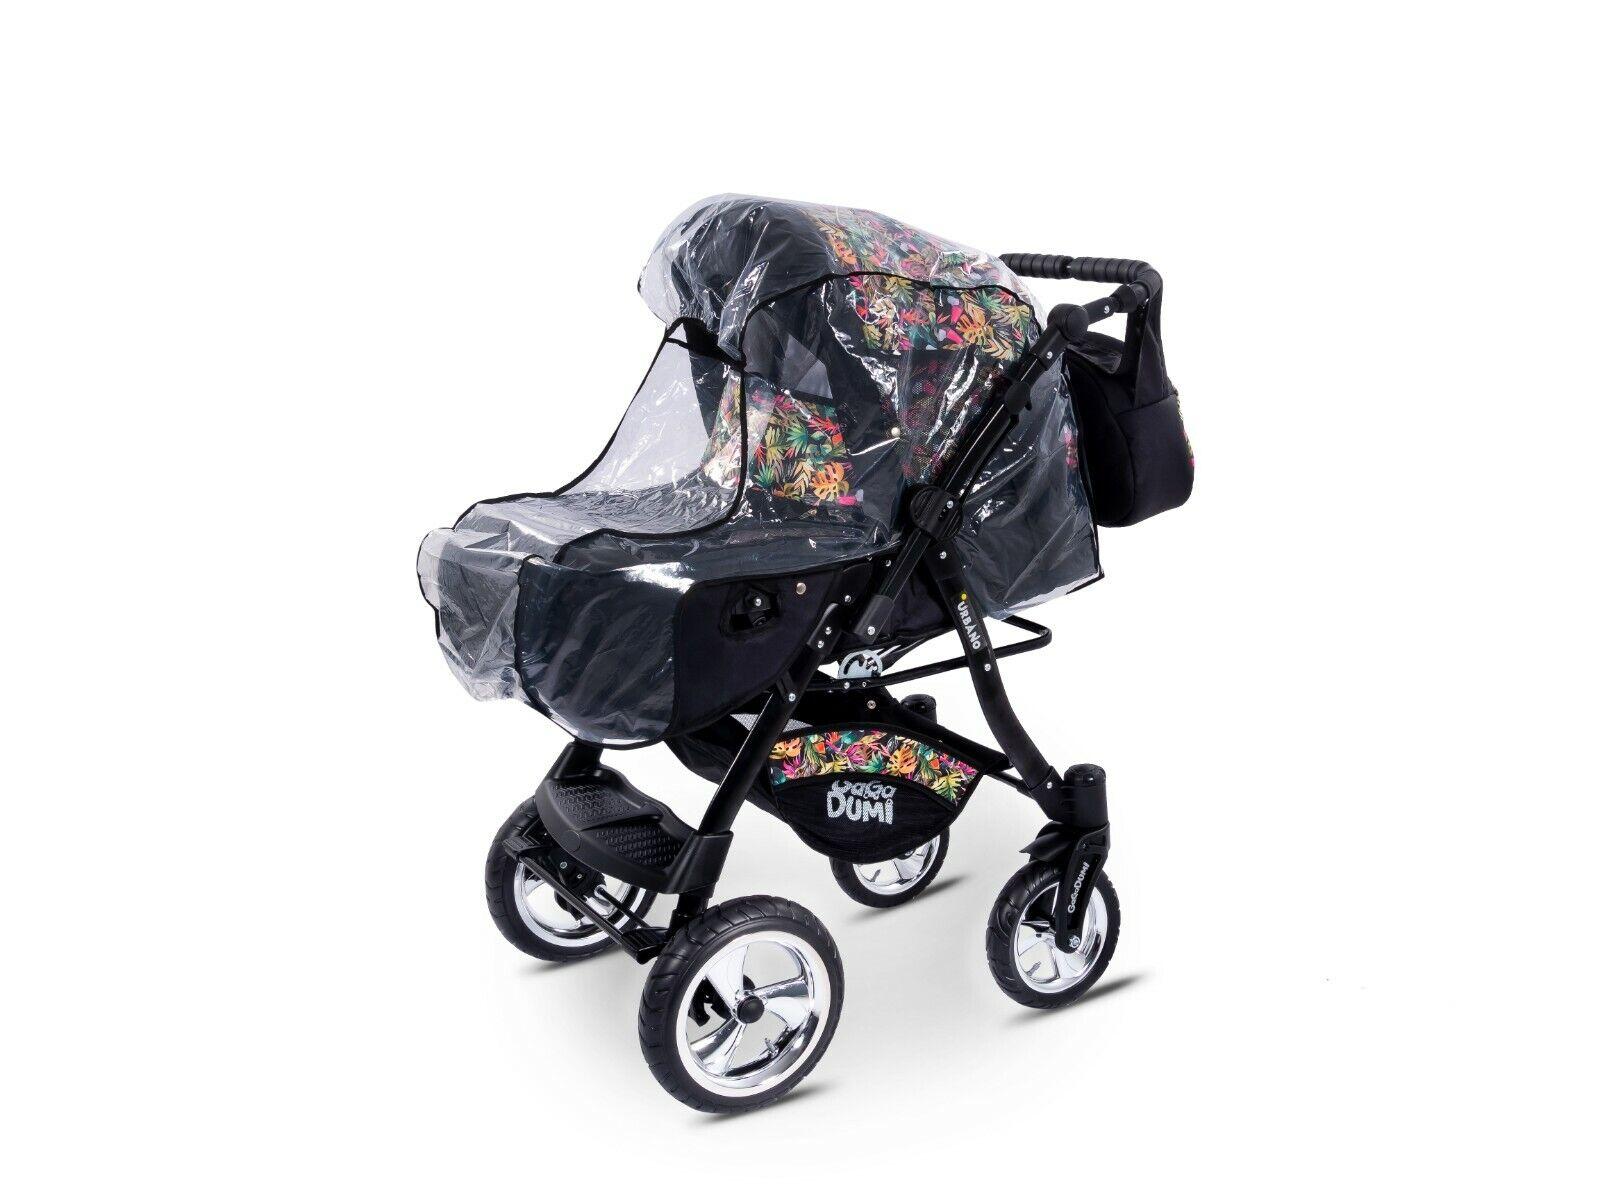 Urbano  Kombikinderwagen 3in1 Kinderwagen Babyschale 3in1 System Autositz